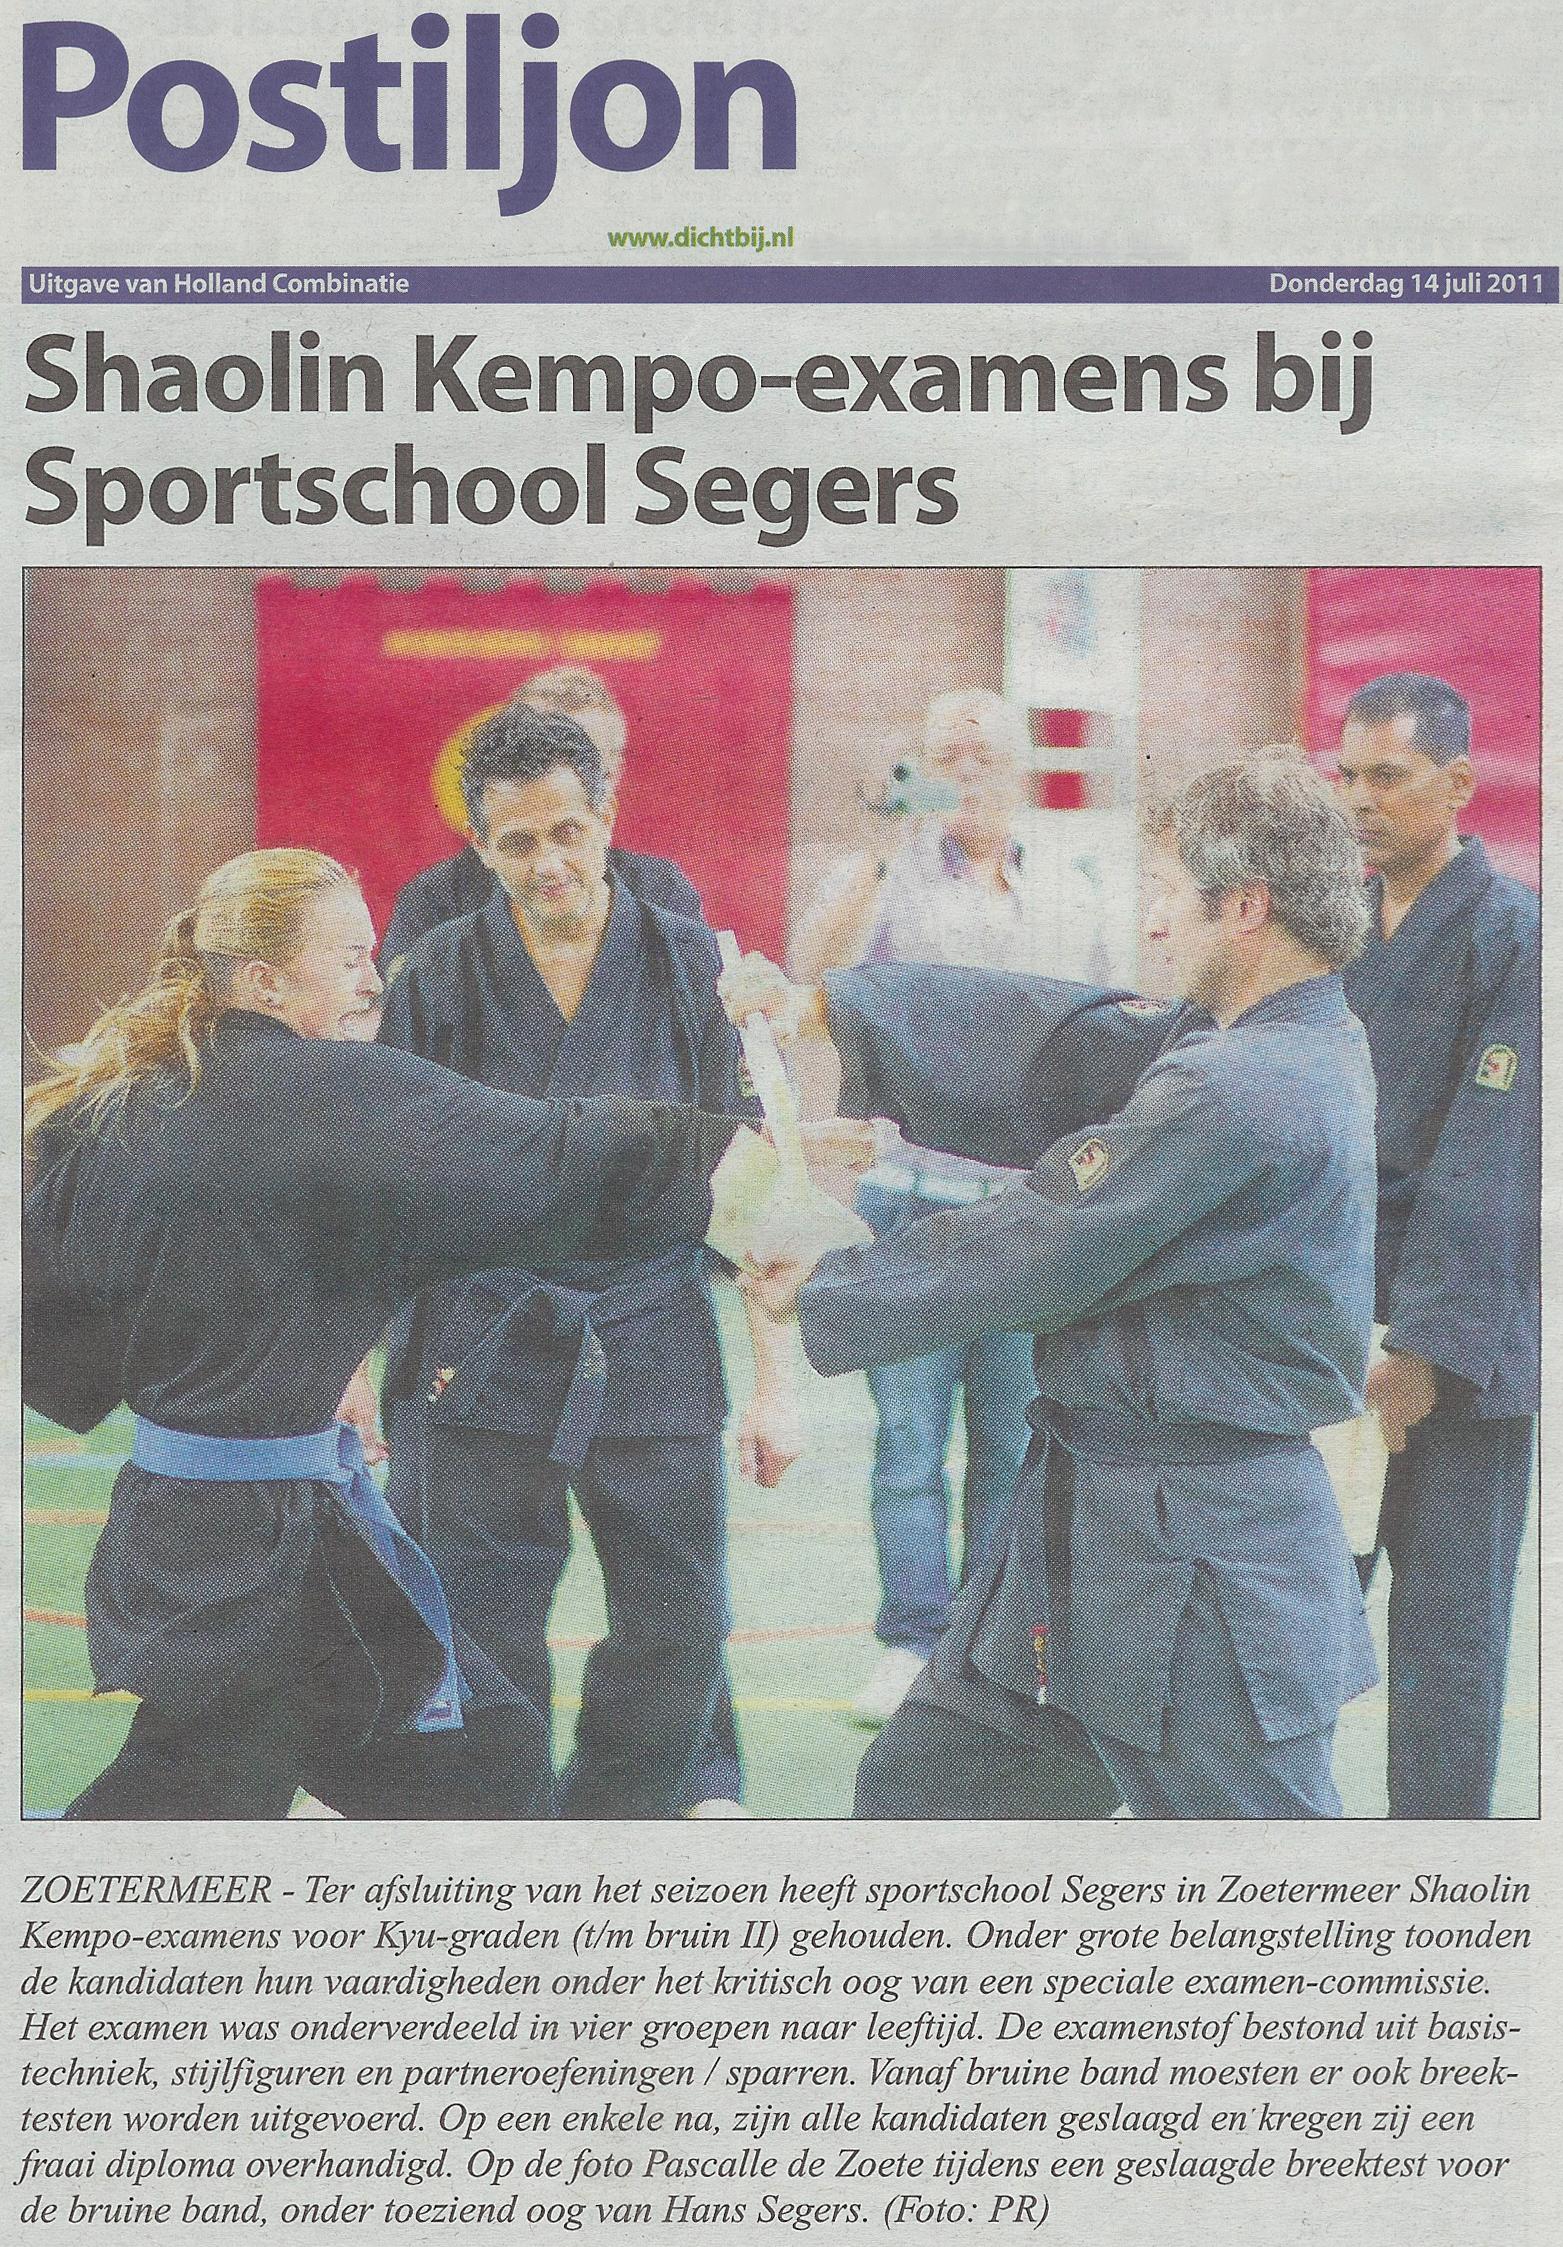 2011-07-14-de-postiljon-shaolin-kempo-examens-bij-sportschool-segers.jpg